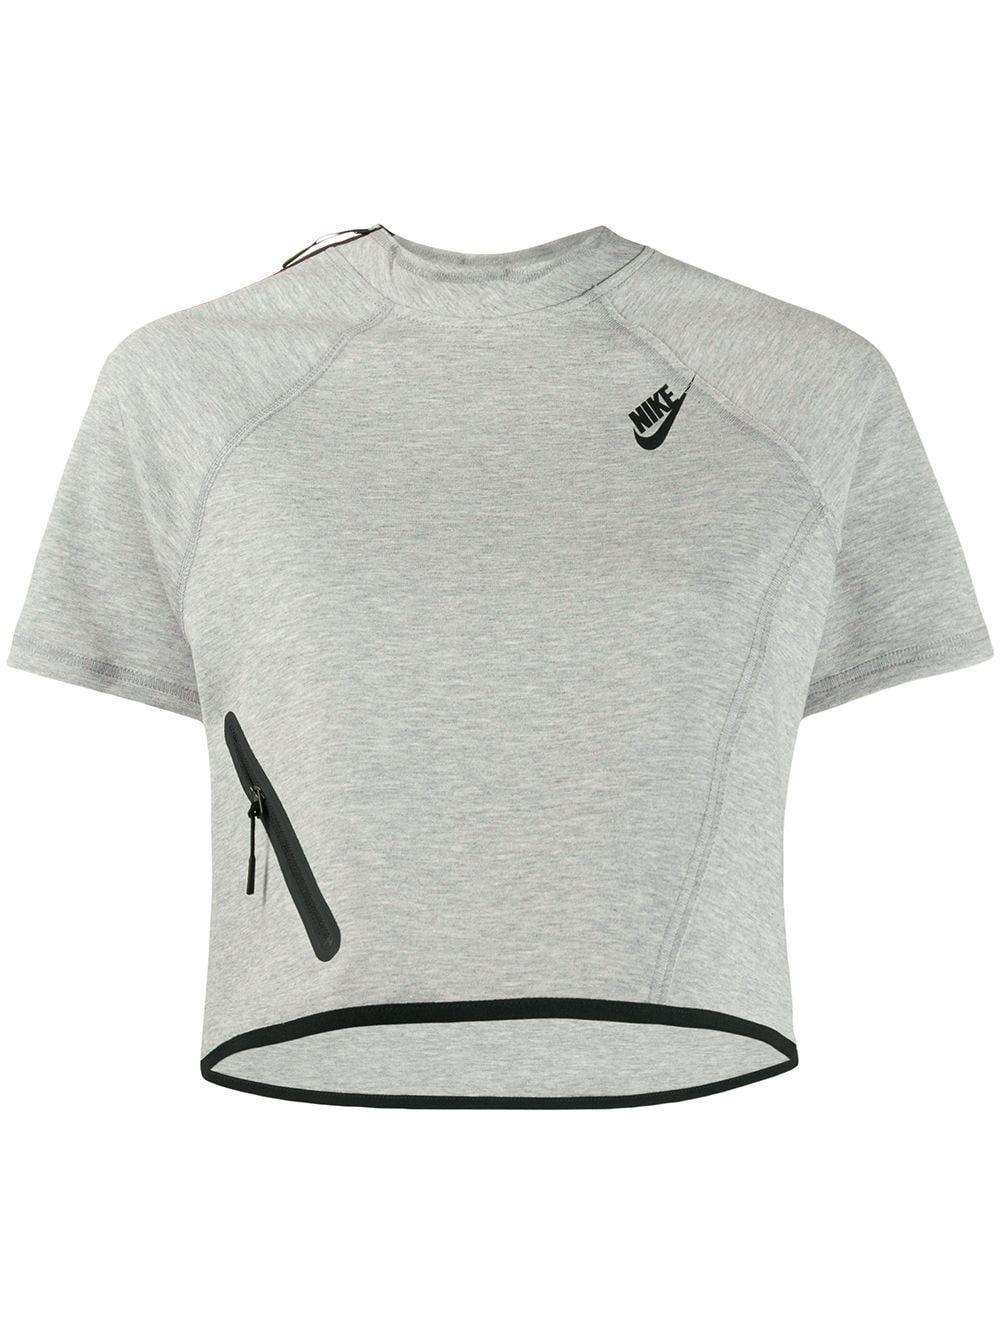 Pin by Gee Hey on Nike in 2020 Nike tech fleece, Gray